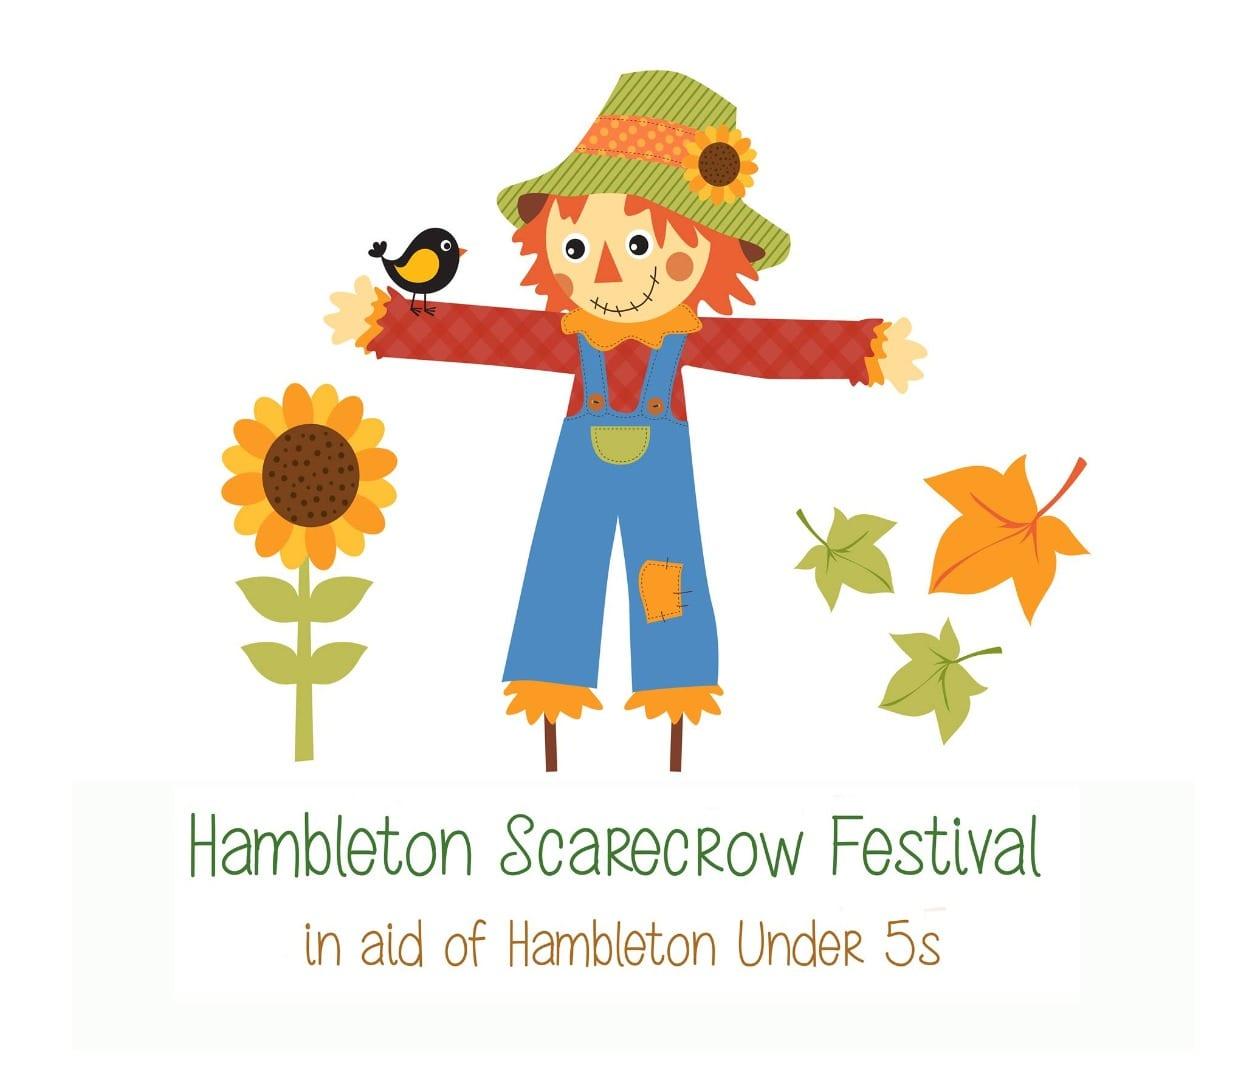 Hambleton Scarecrow Festival